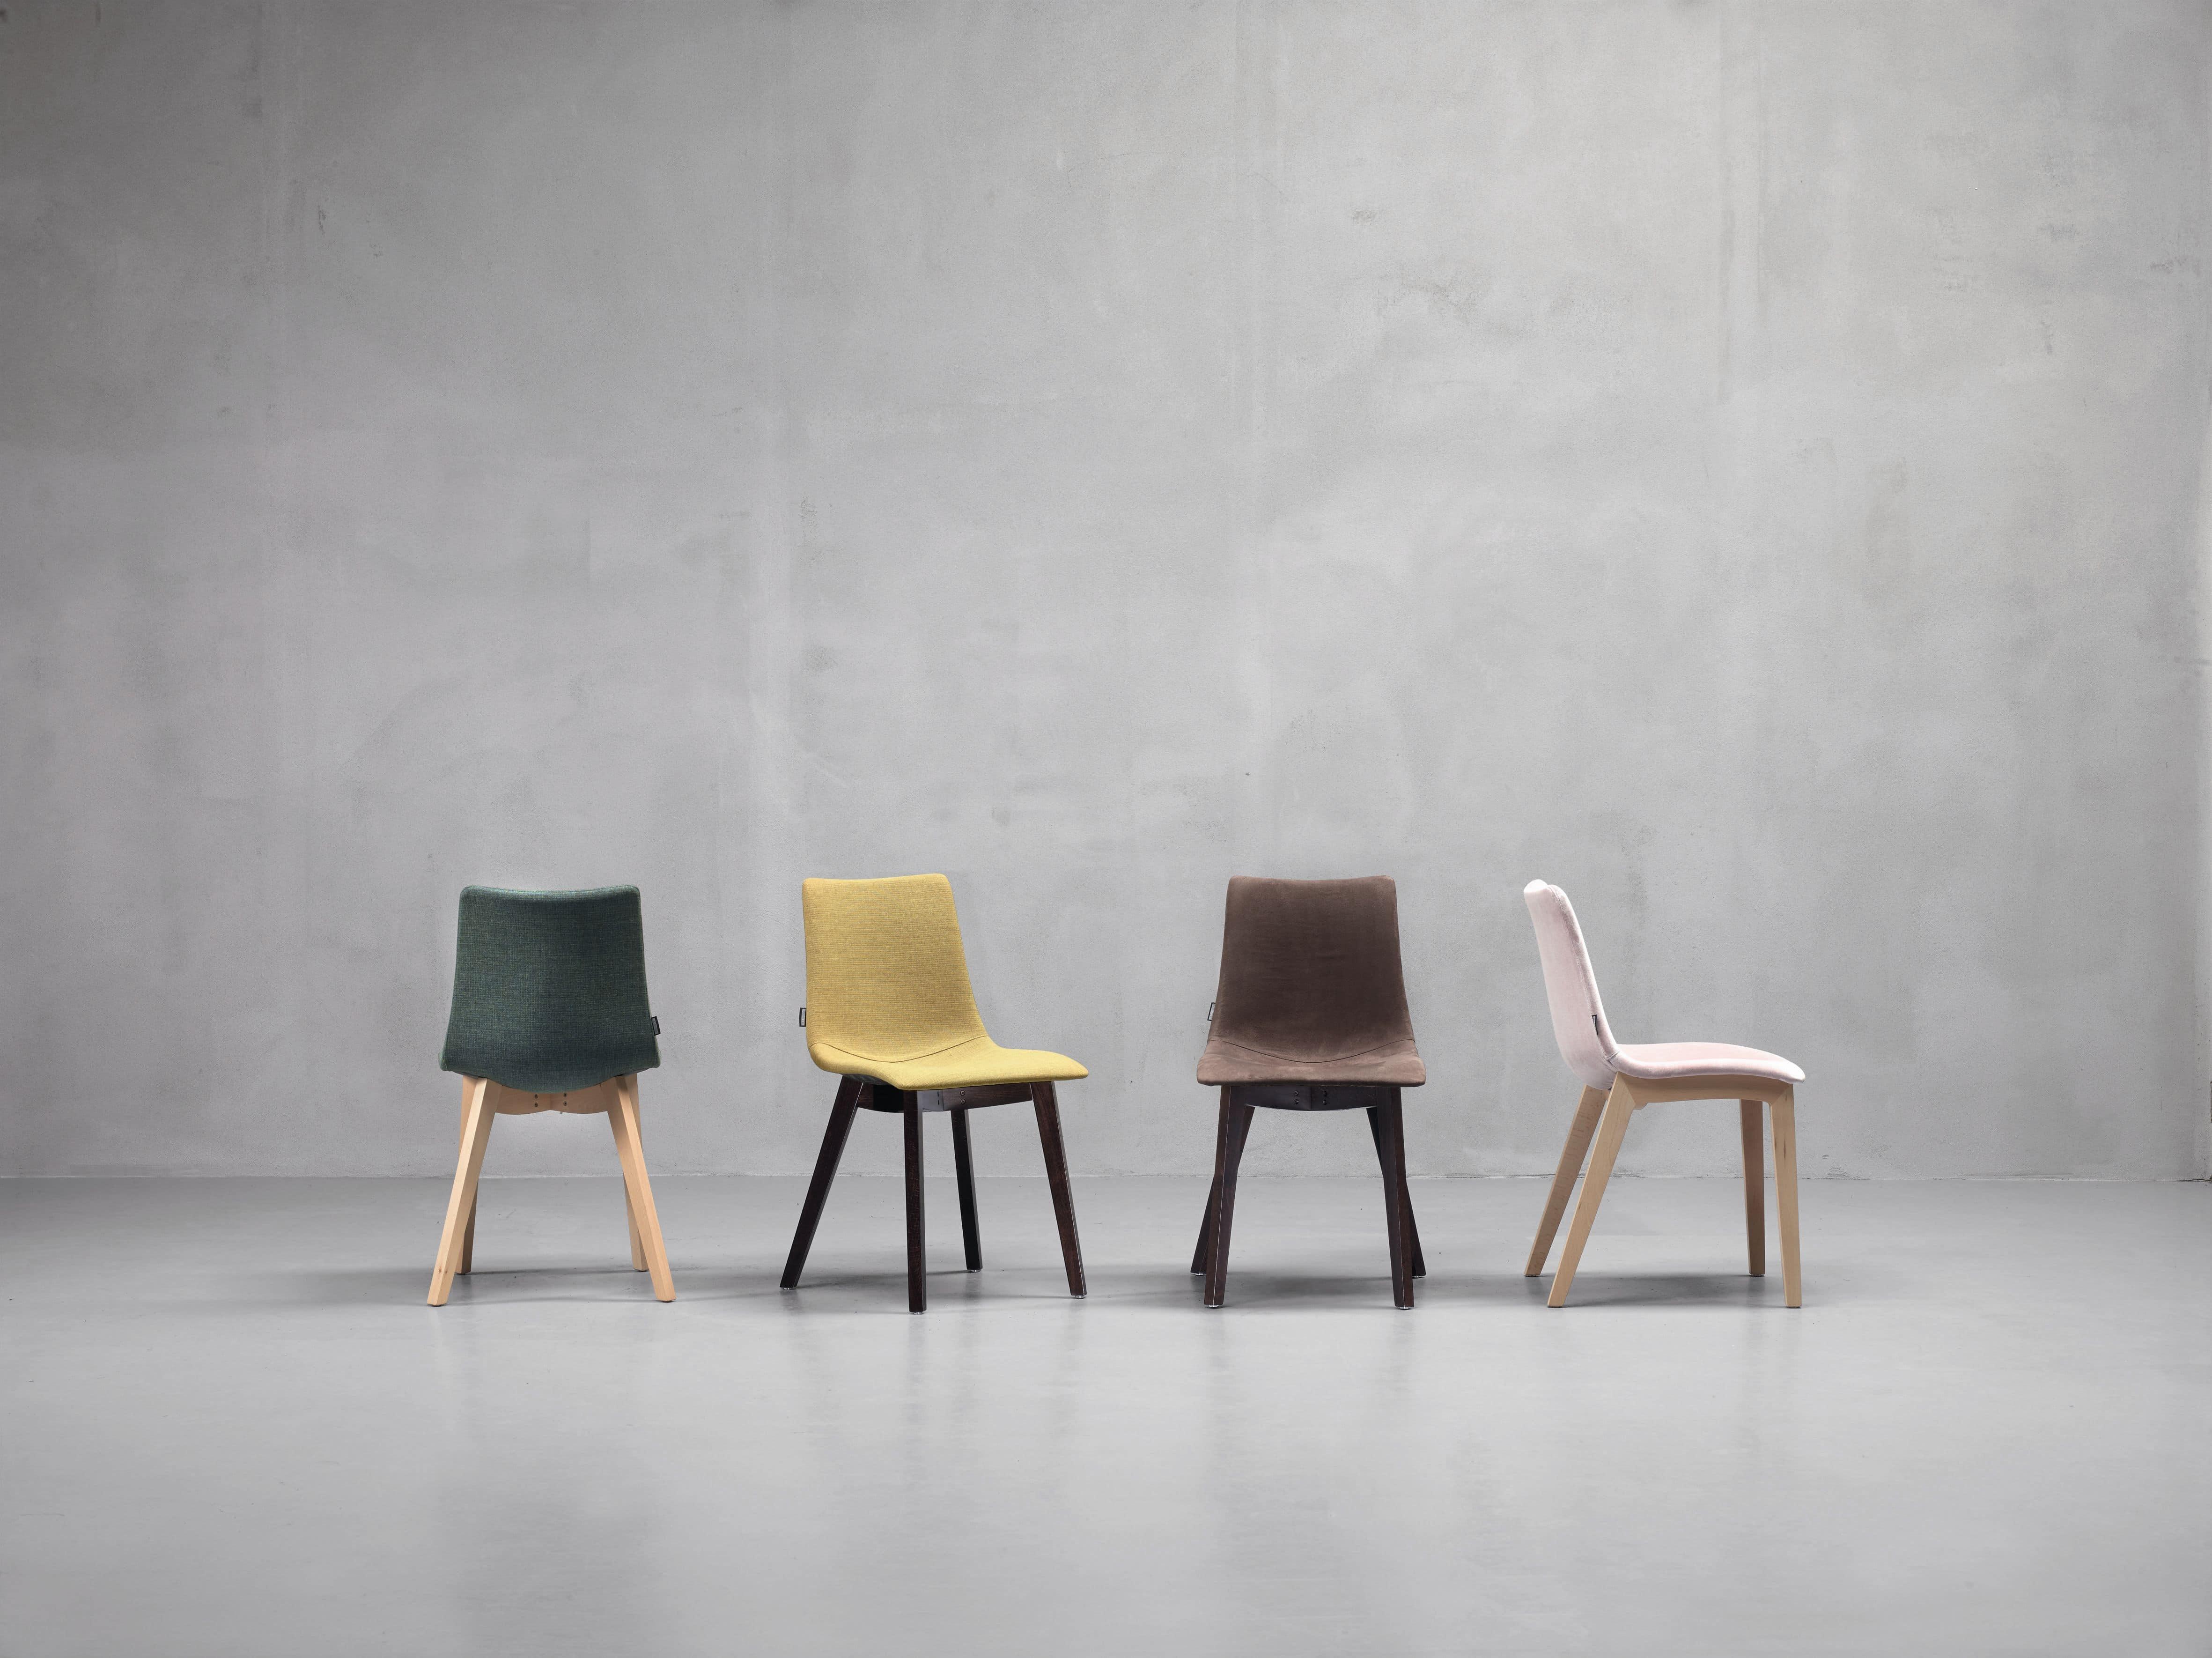 Sedie colorate legno con tavolo legno la scelta giusta - Sedie imbottite ikea ...